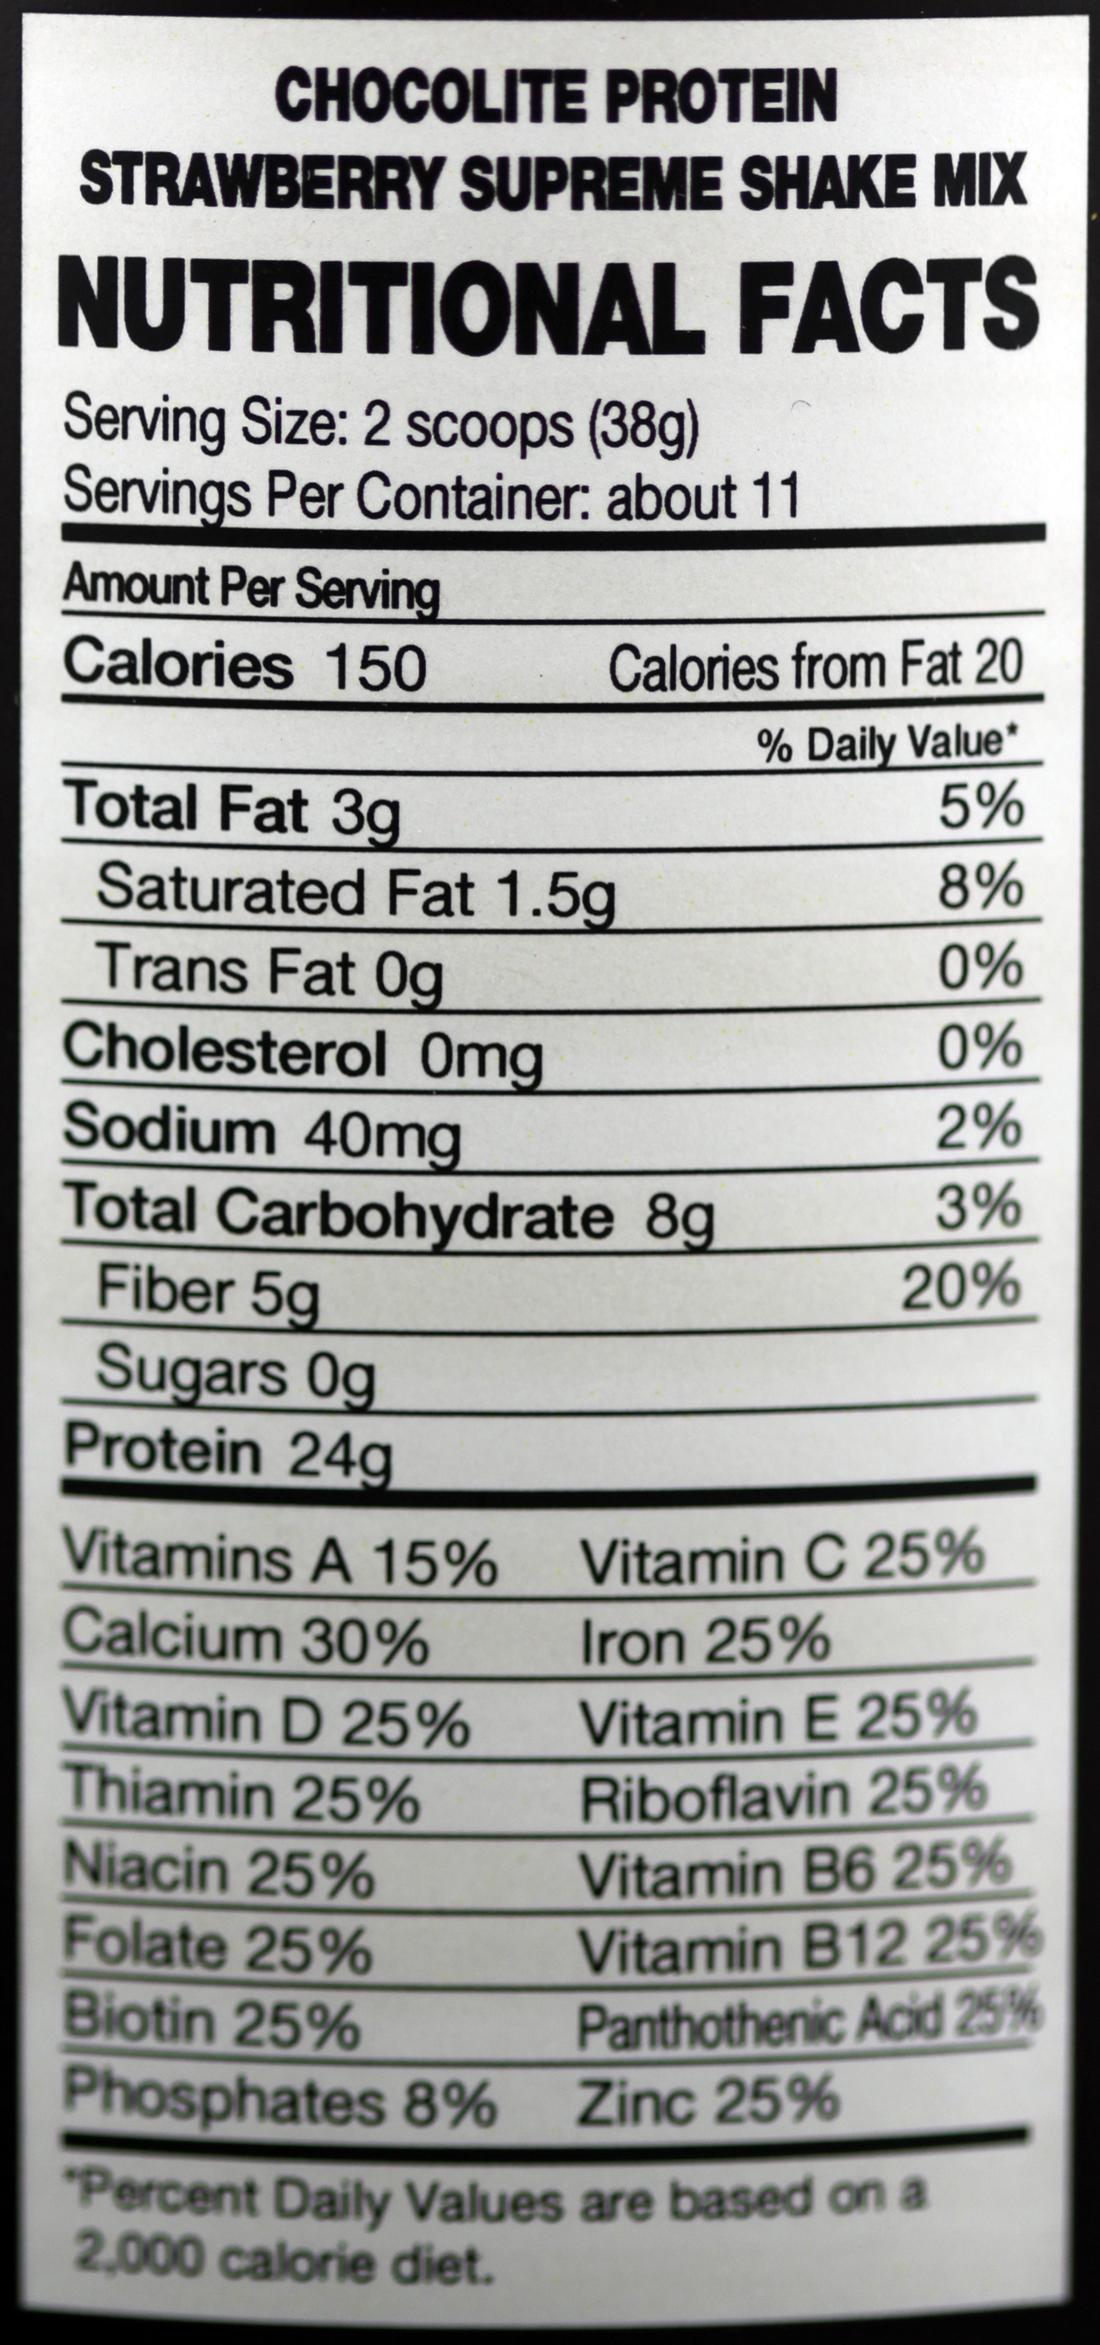 Chocorite Protein Strawberry Shake Mix 1lb